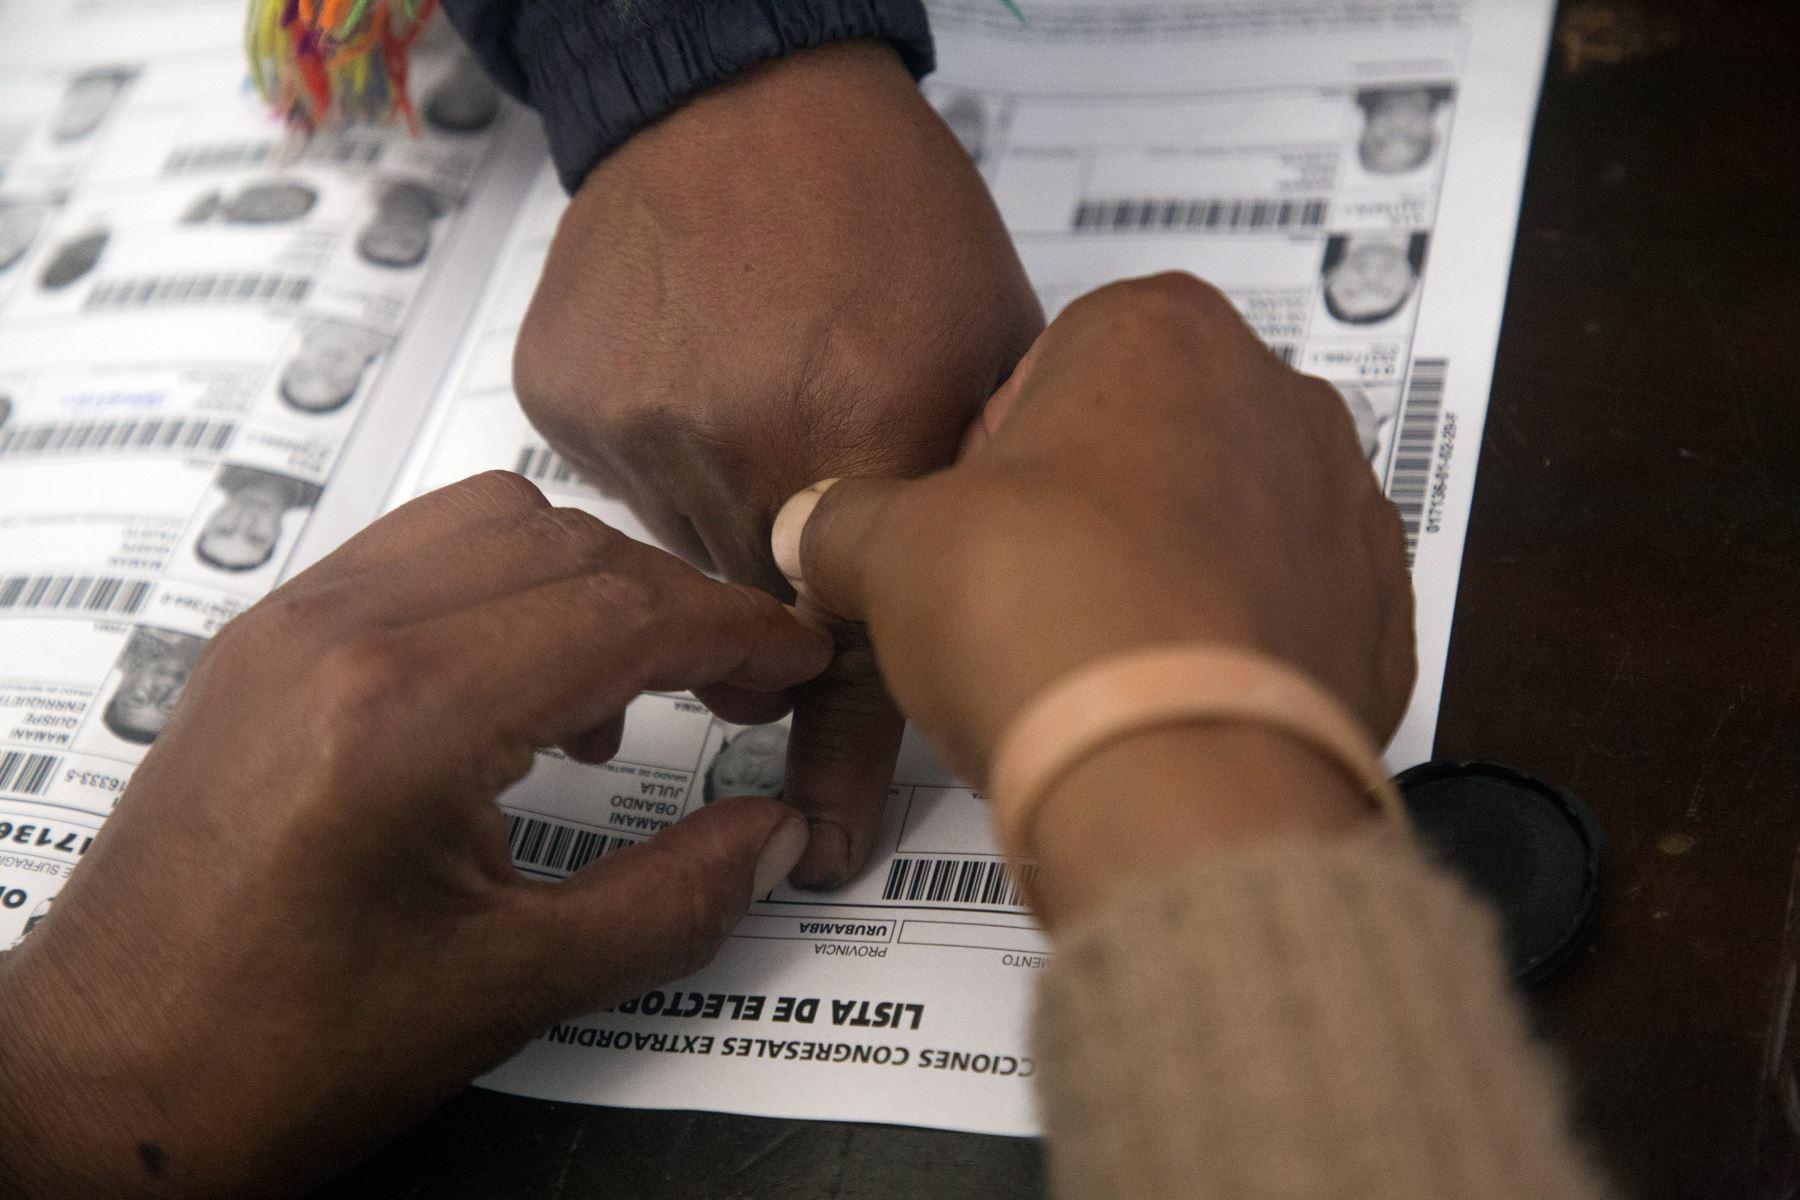 Un votante tiene la huella digital tomada en un colegio electoral durante las elecciones legislativas en Ollantaytambo, en la región de Cuzco. Foto: AFP